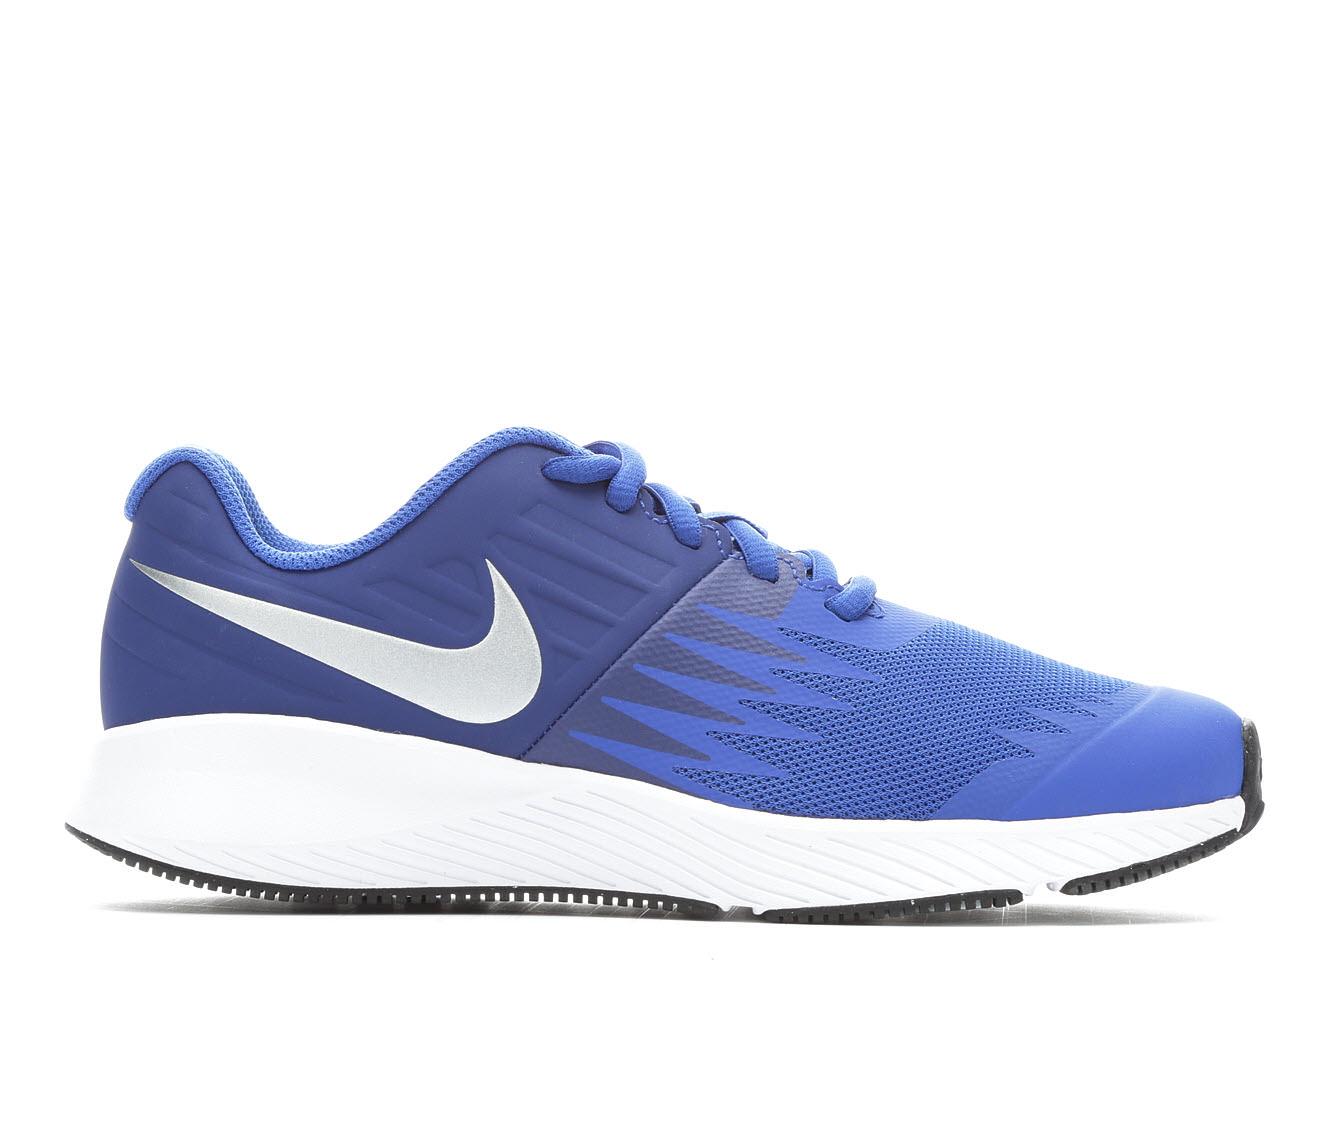 Boys' Nike Star Runner Running Shoes (Blue)